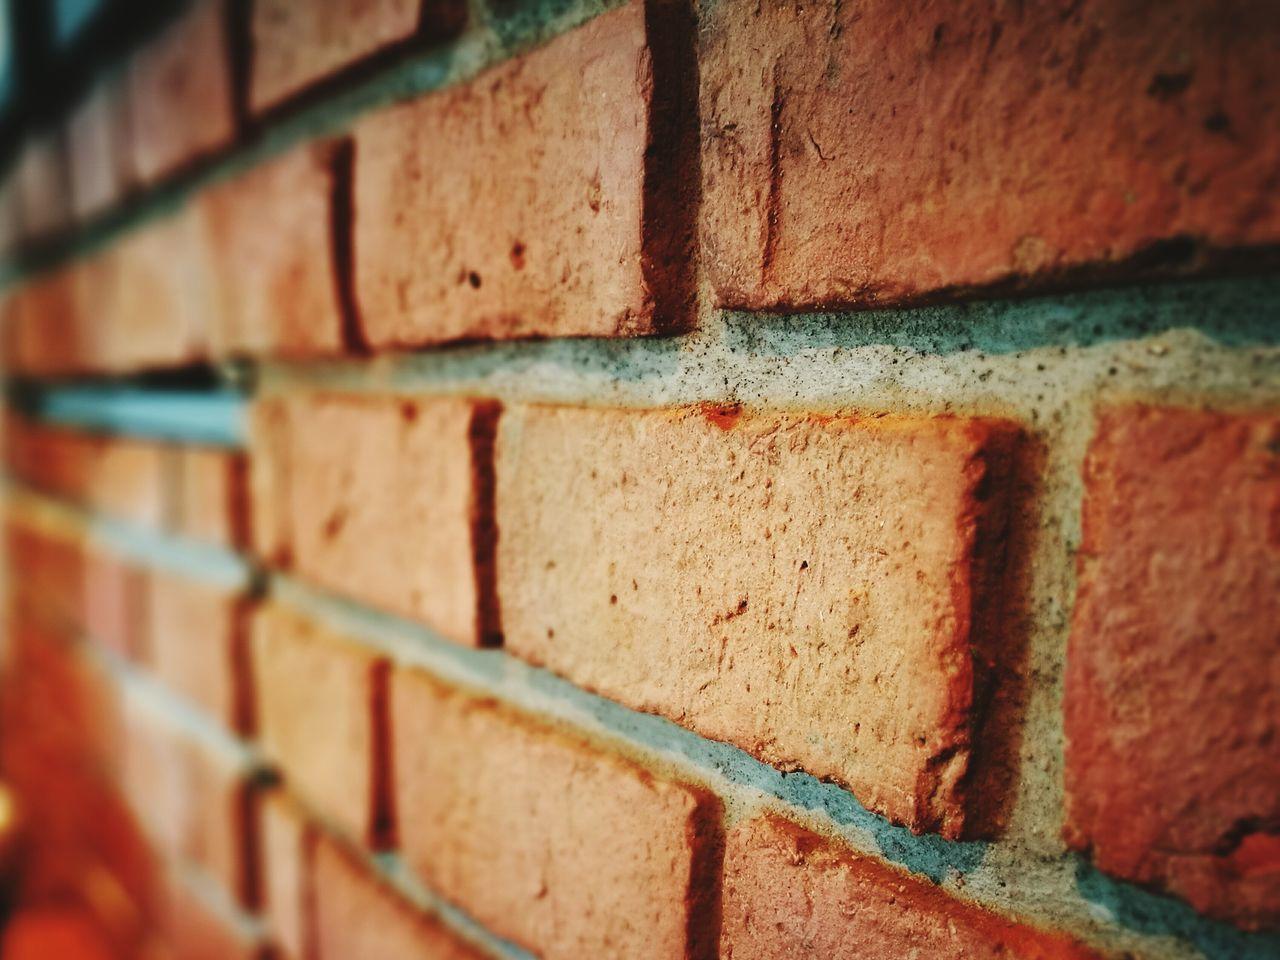 Brick Brick Wall Brickwall Bricks Bricks In The Wall Brick Work Brick Walls